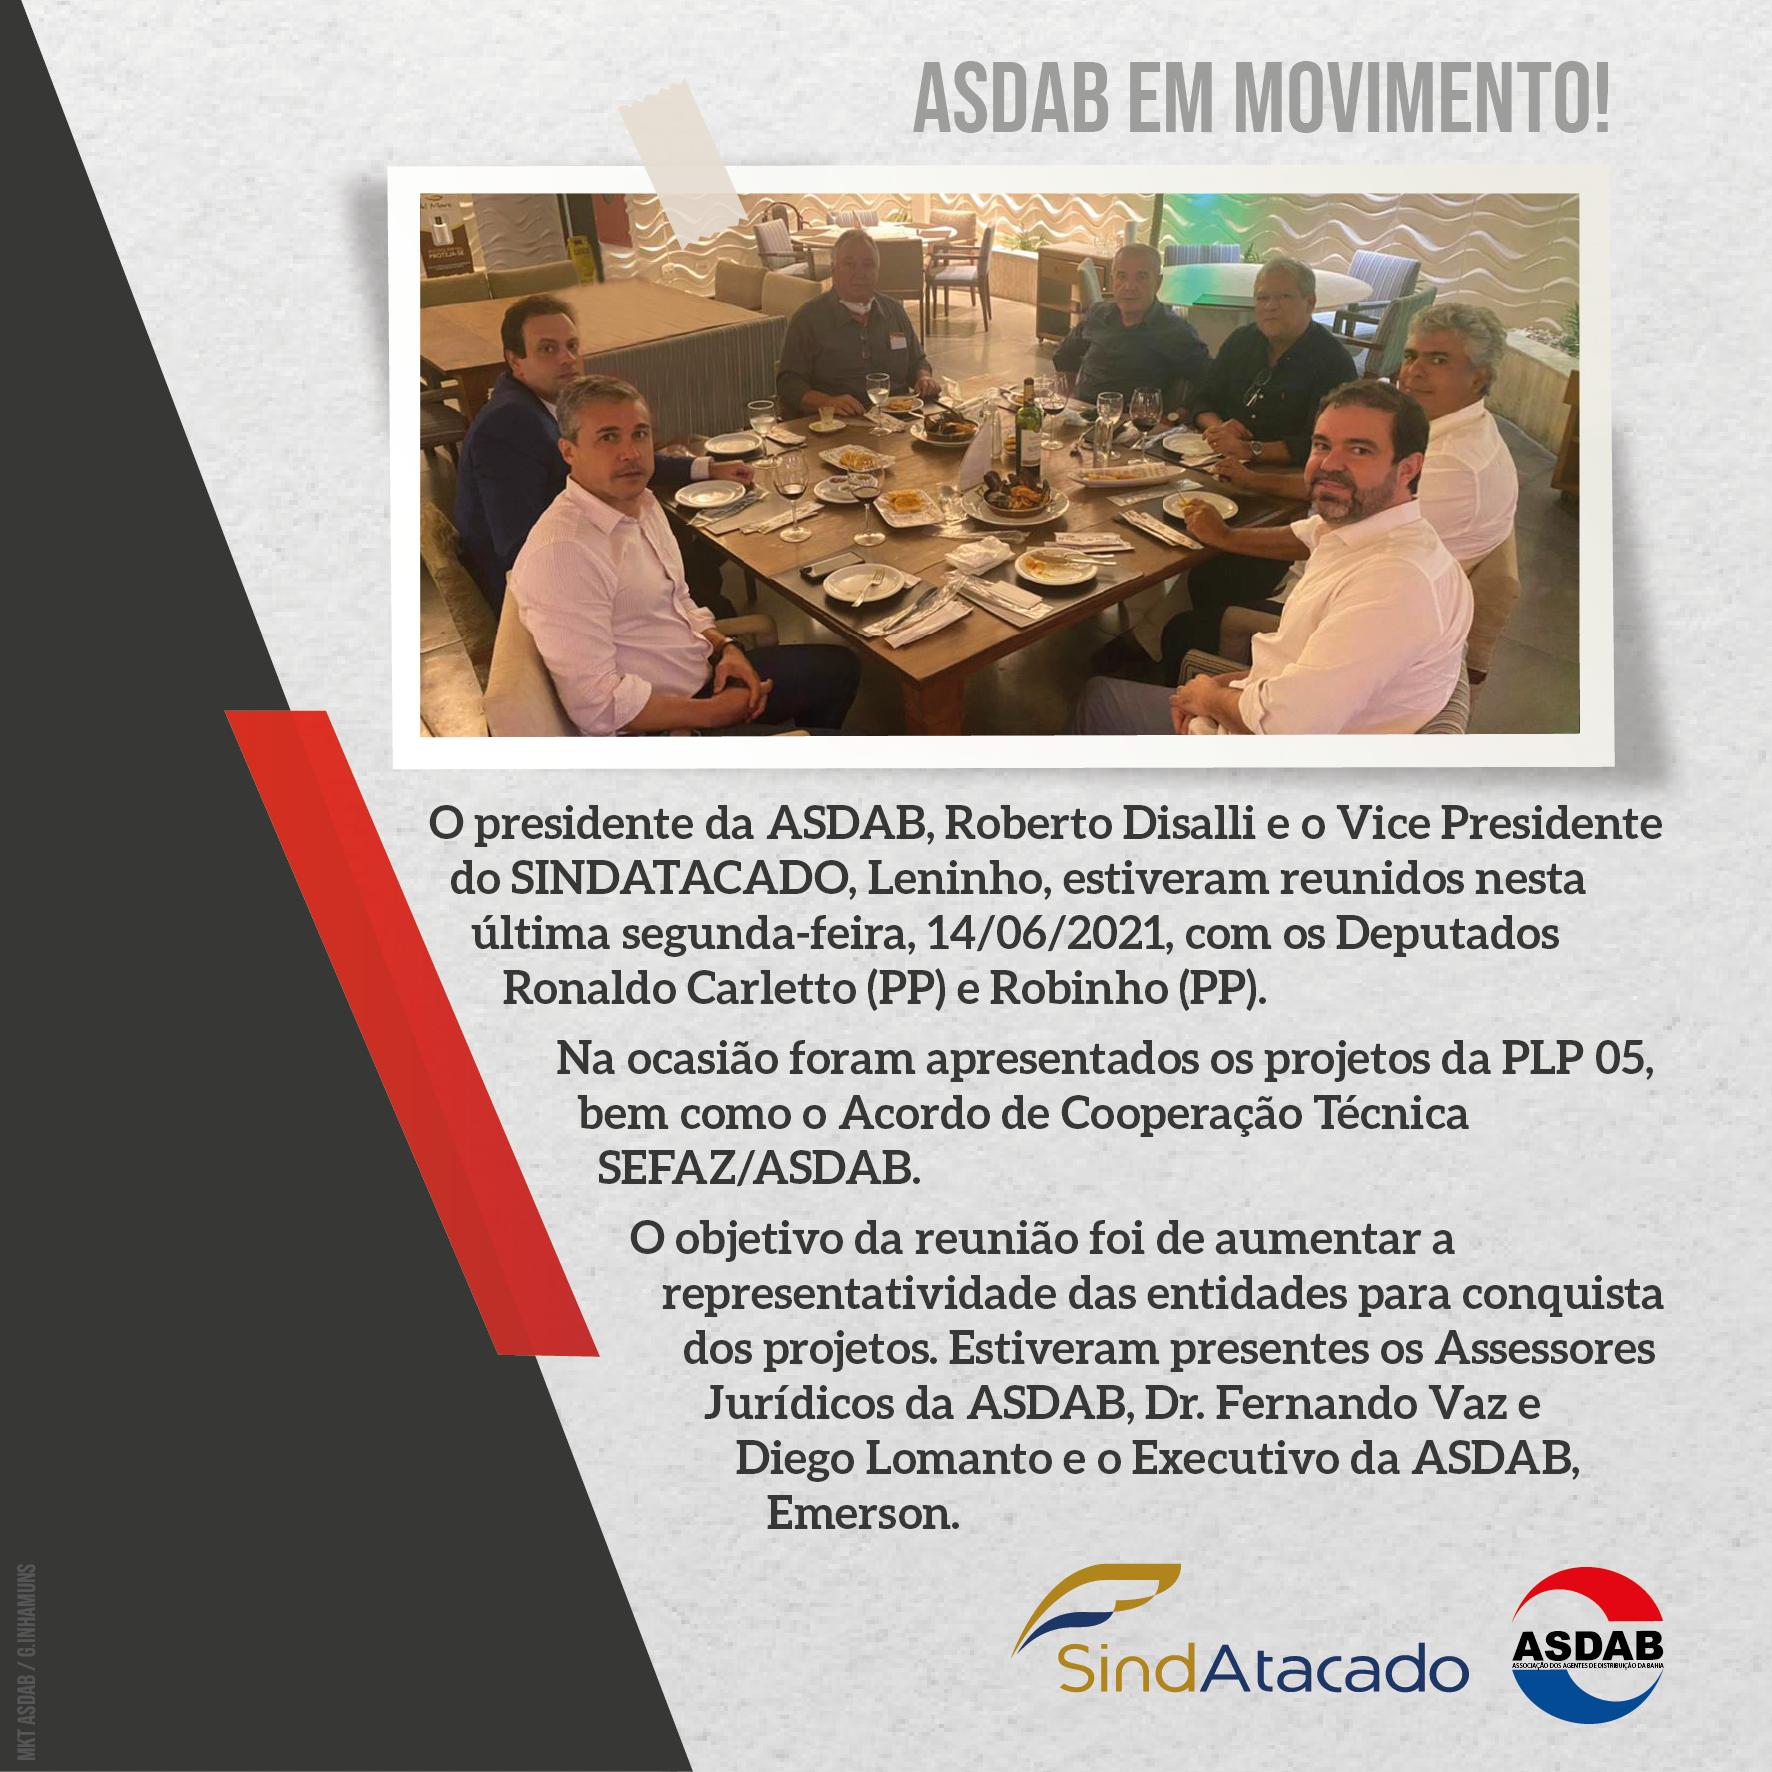 ASDAB e SINDATACADO promovem reunião com autoridades para apresentar PLP 05 e Cooperação Técnica SEFAZ/ASDAB